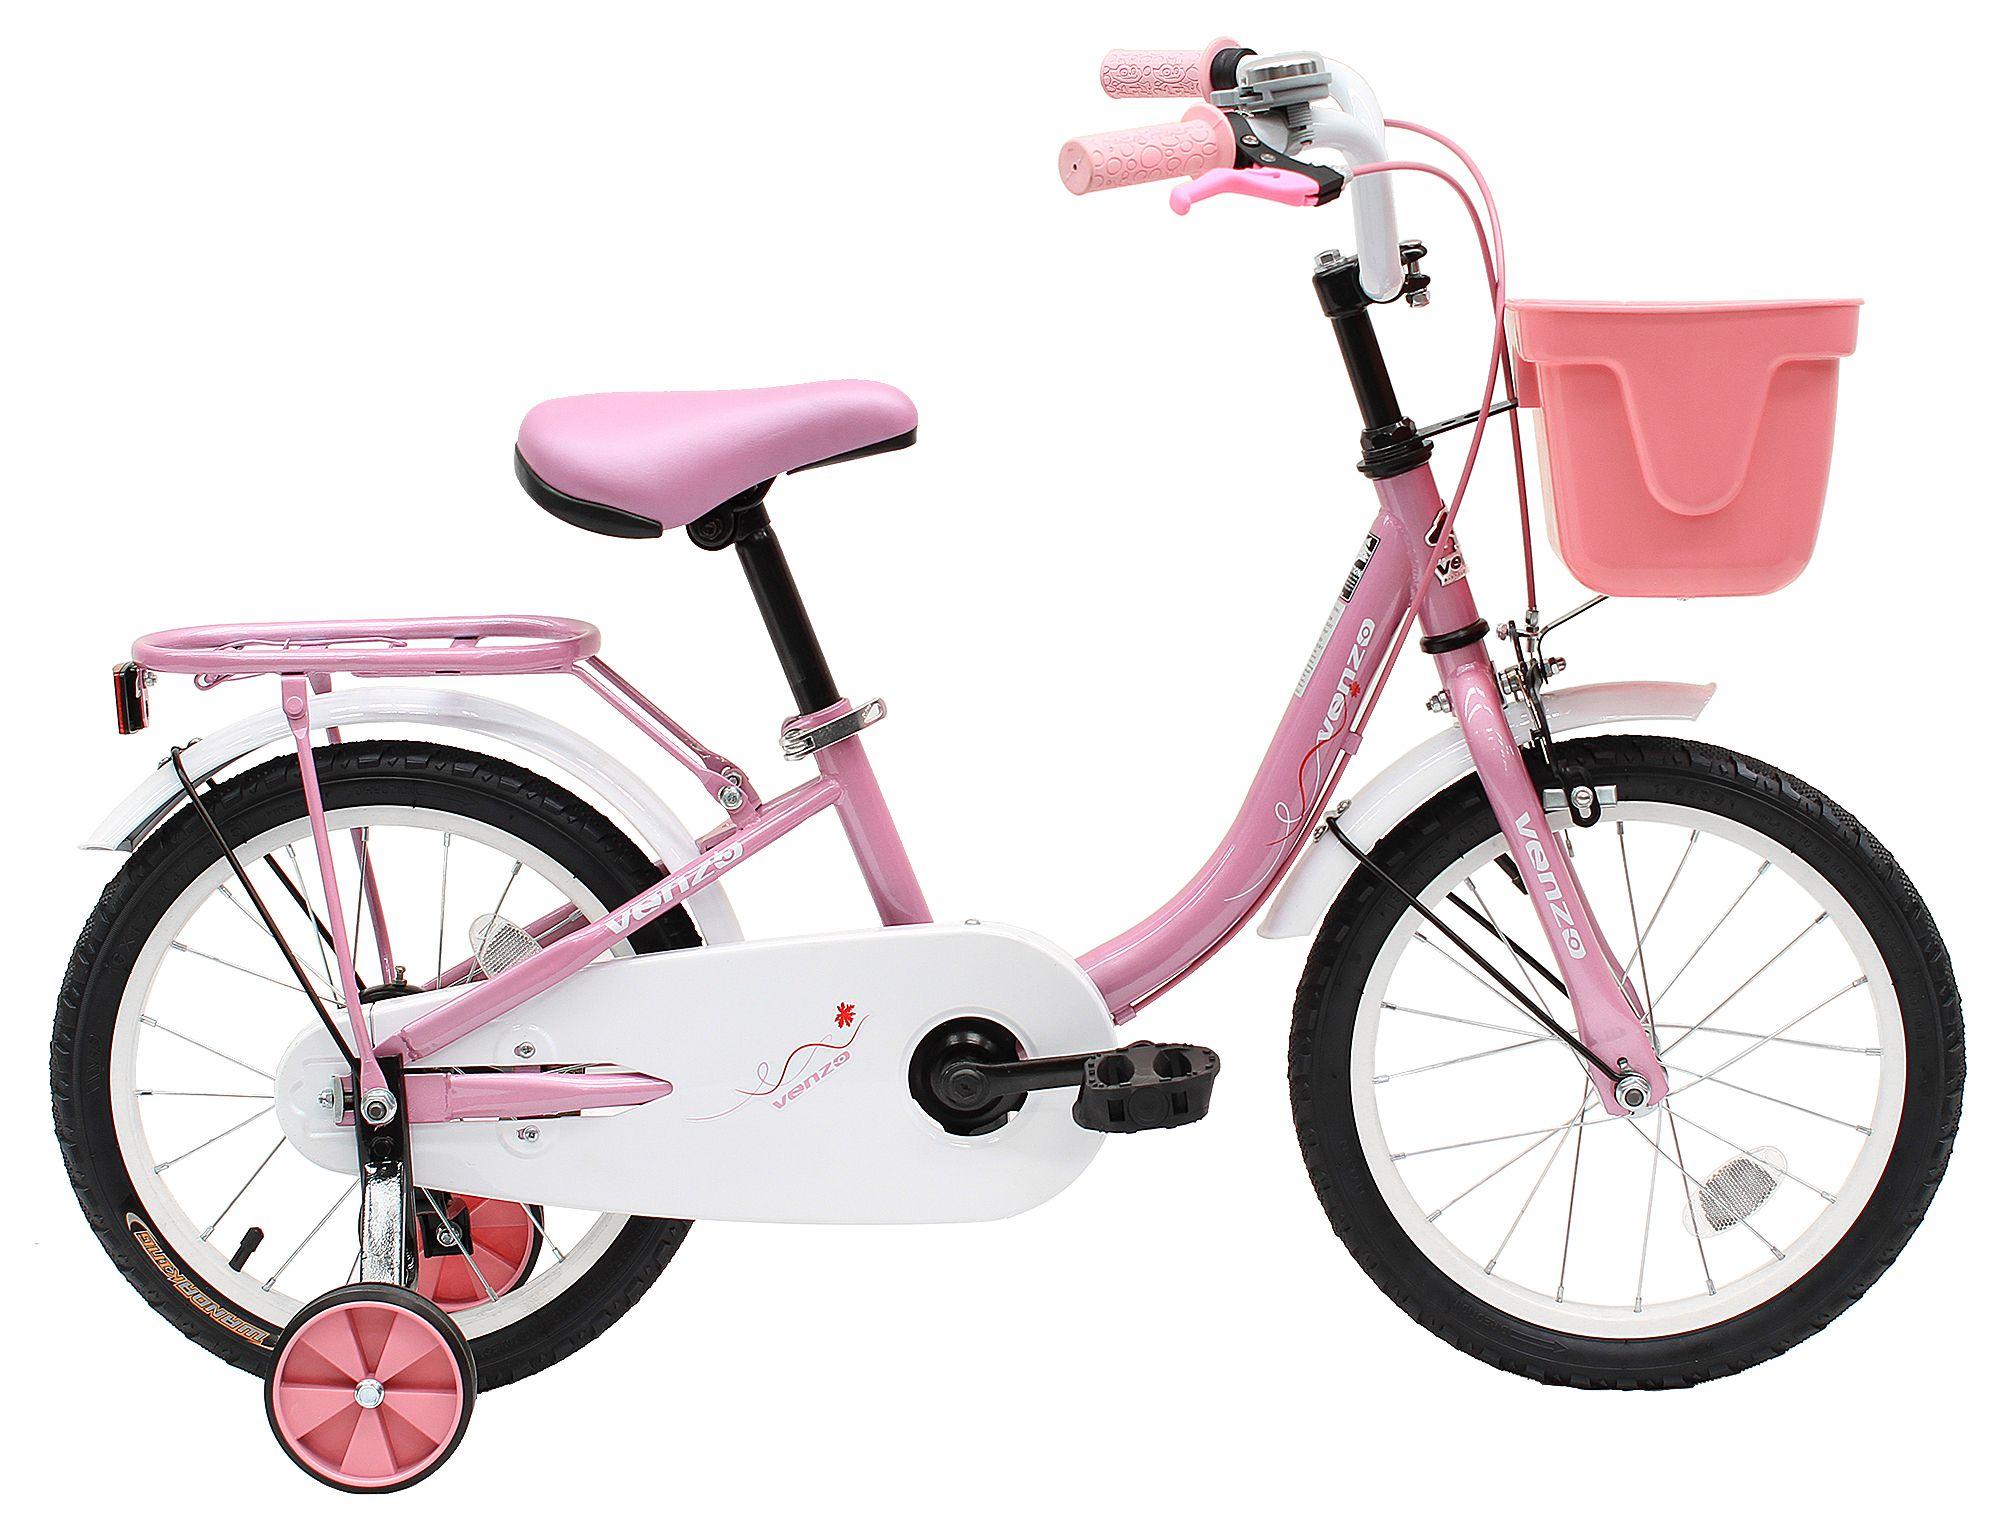 Venzo Children 16 Push Kids Bike With Training Wheels Pink Bike